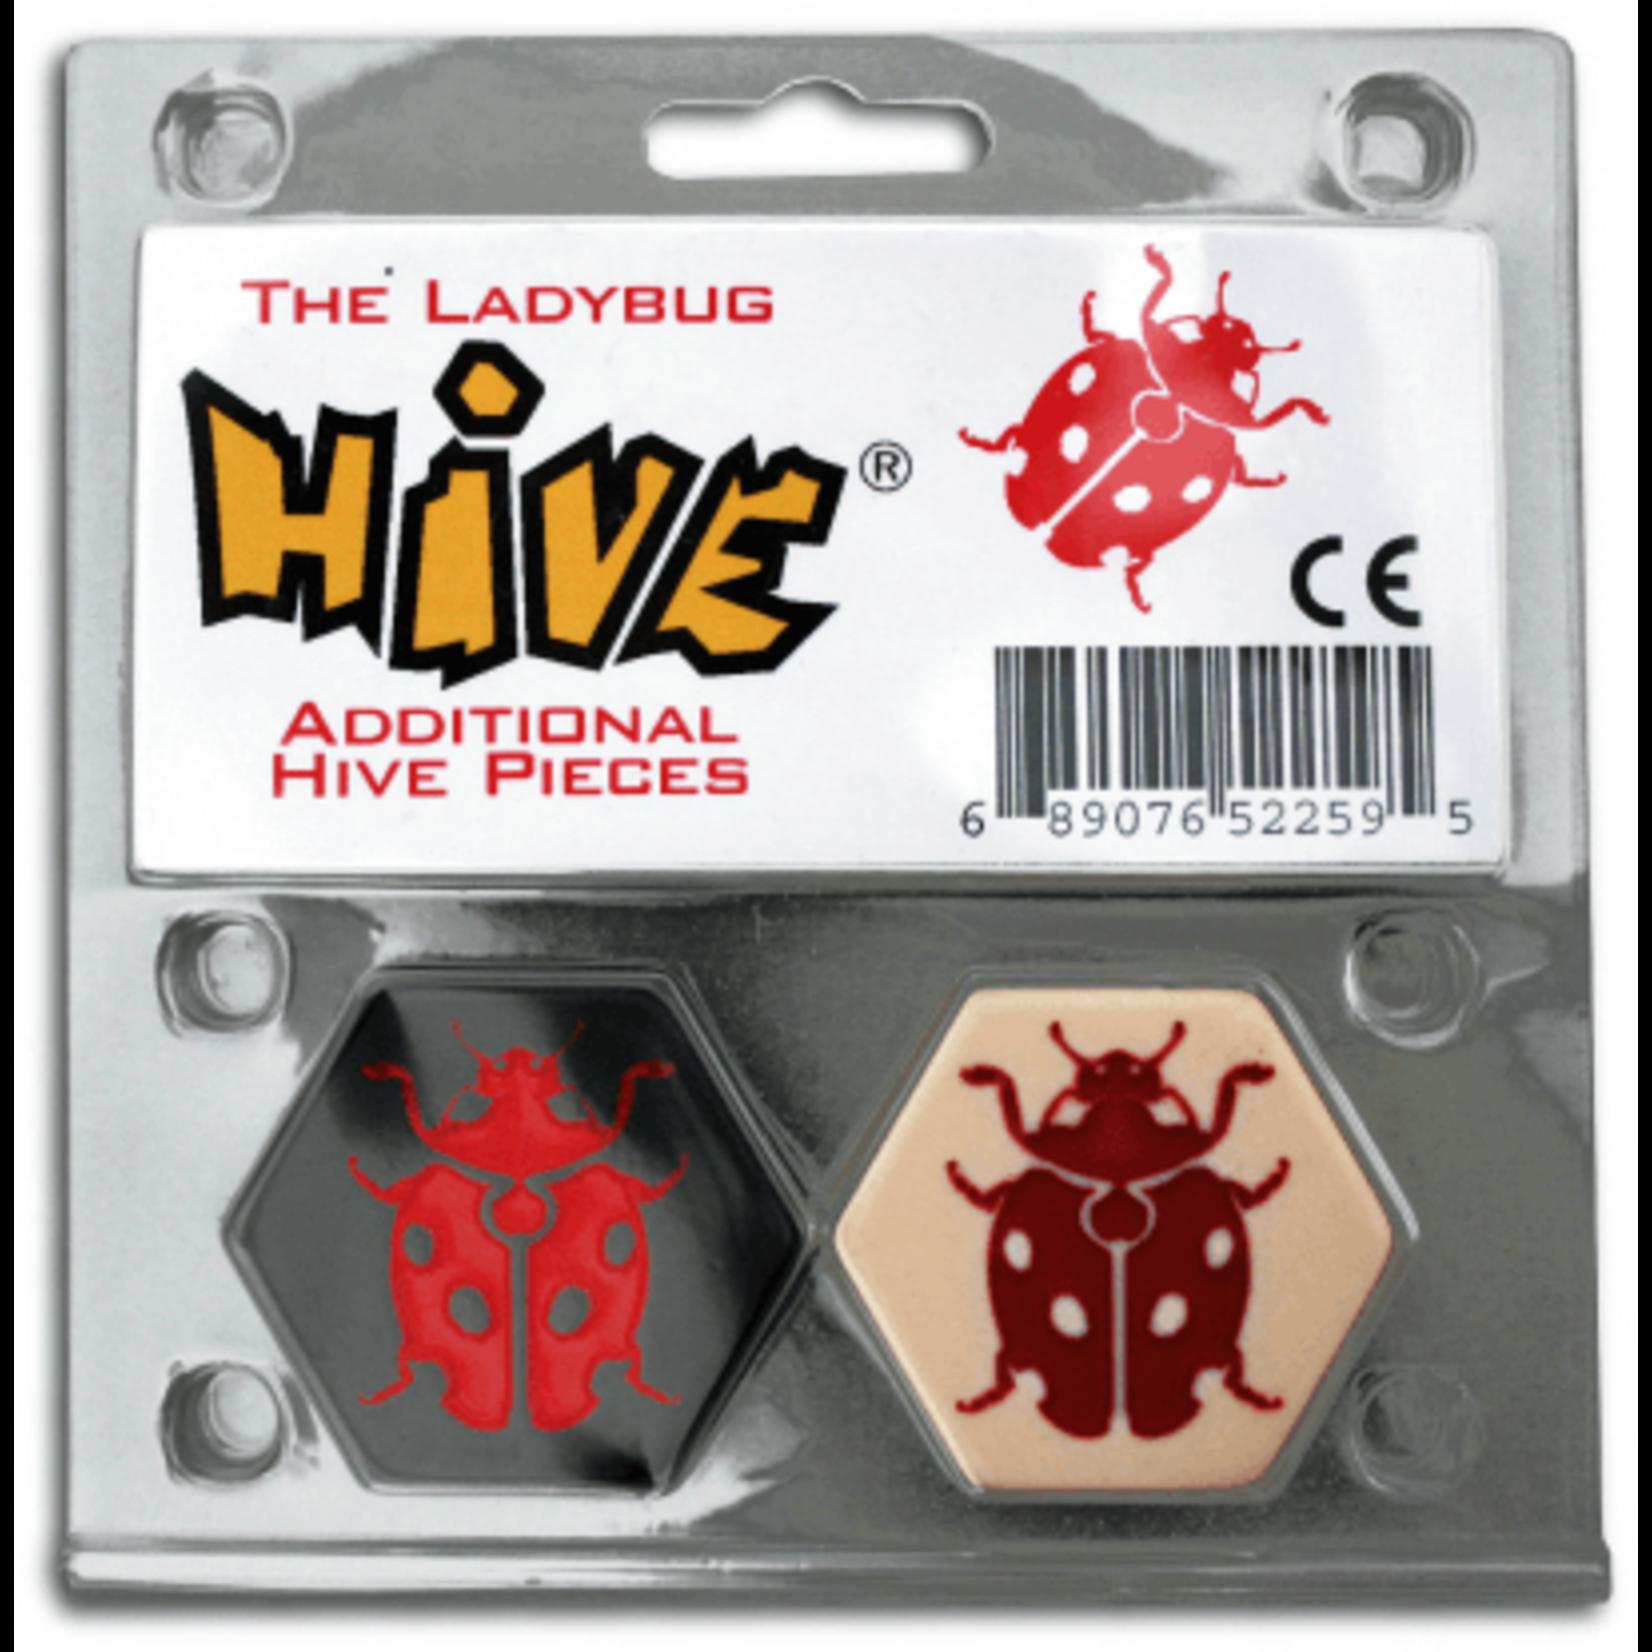 Hive Ladybug Exp